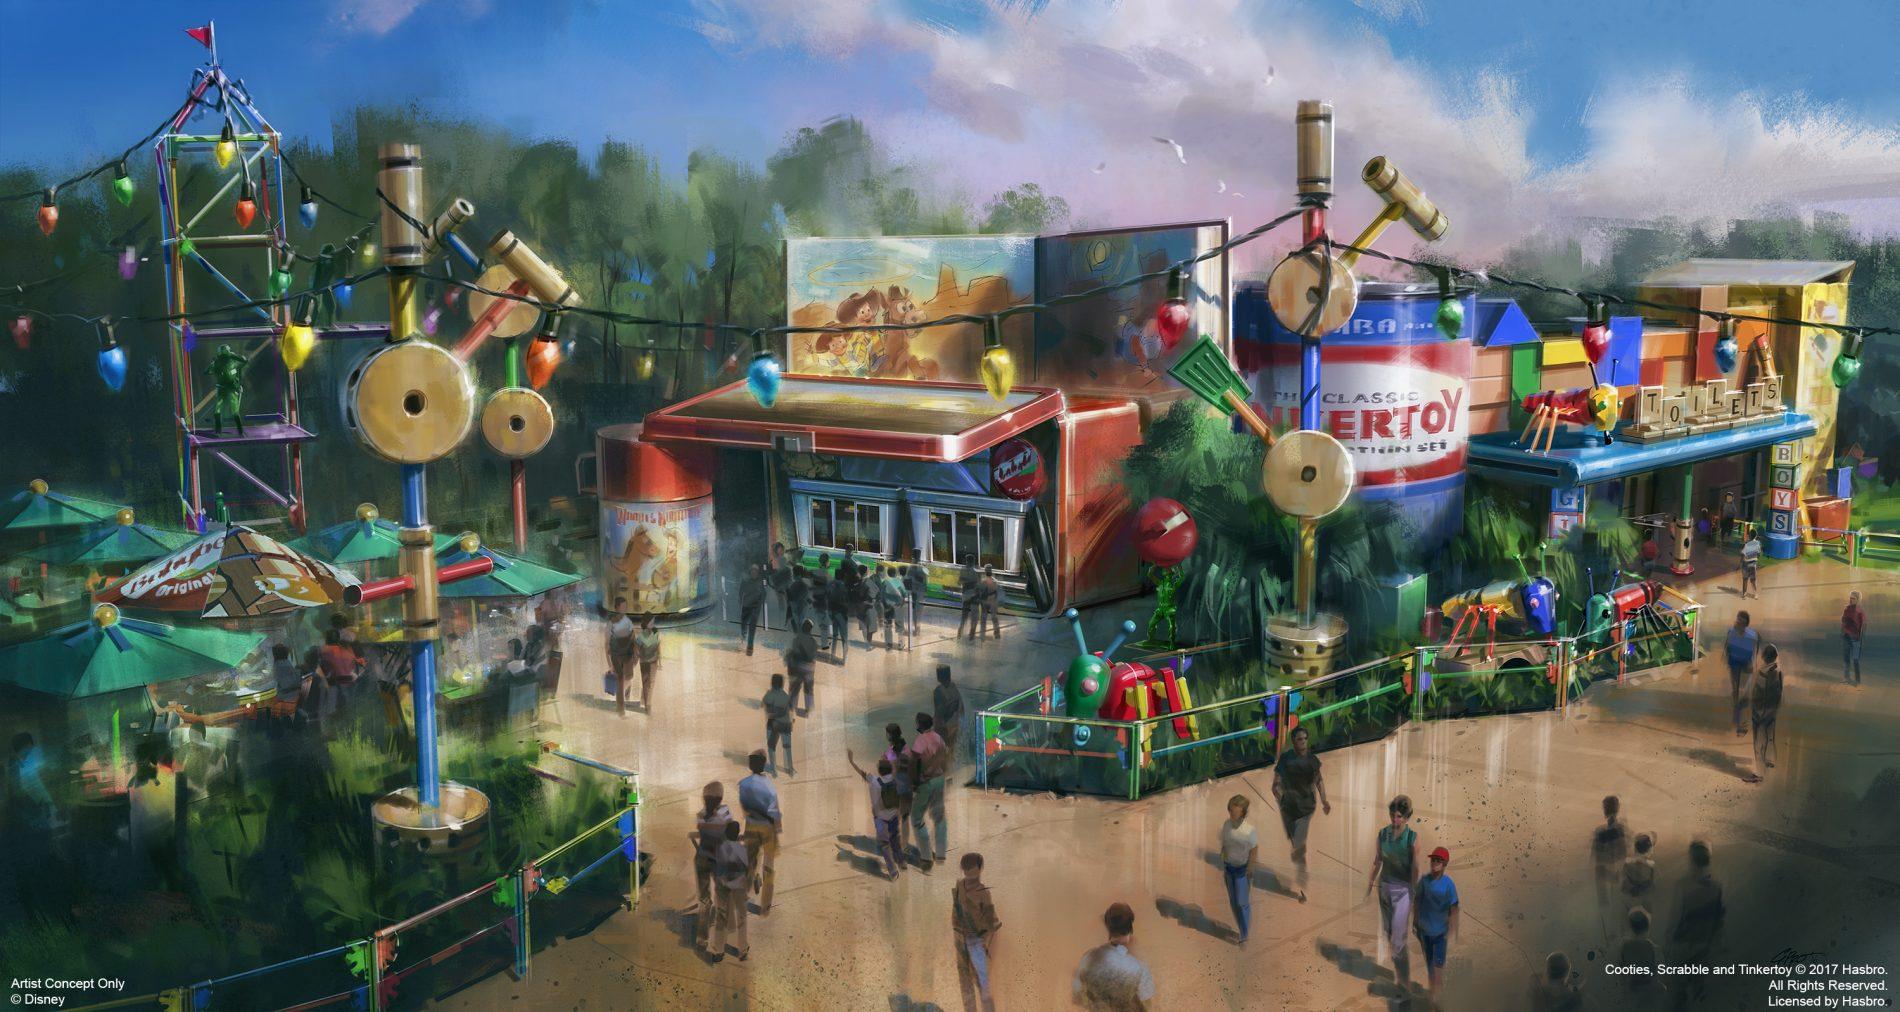 Detalhe da infraestrutura e ambientação da nova atração do Hollywood Studios